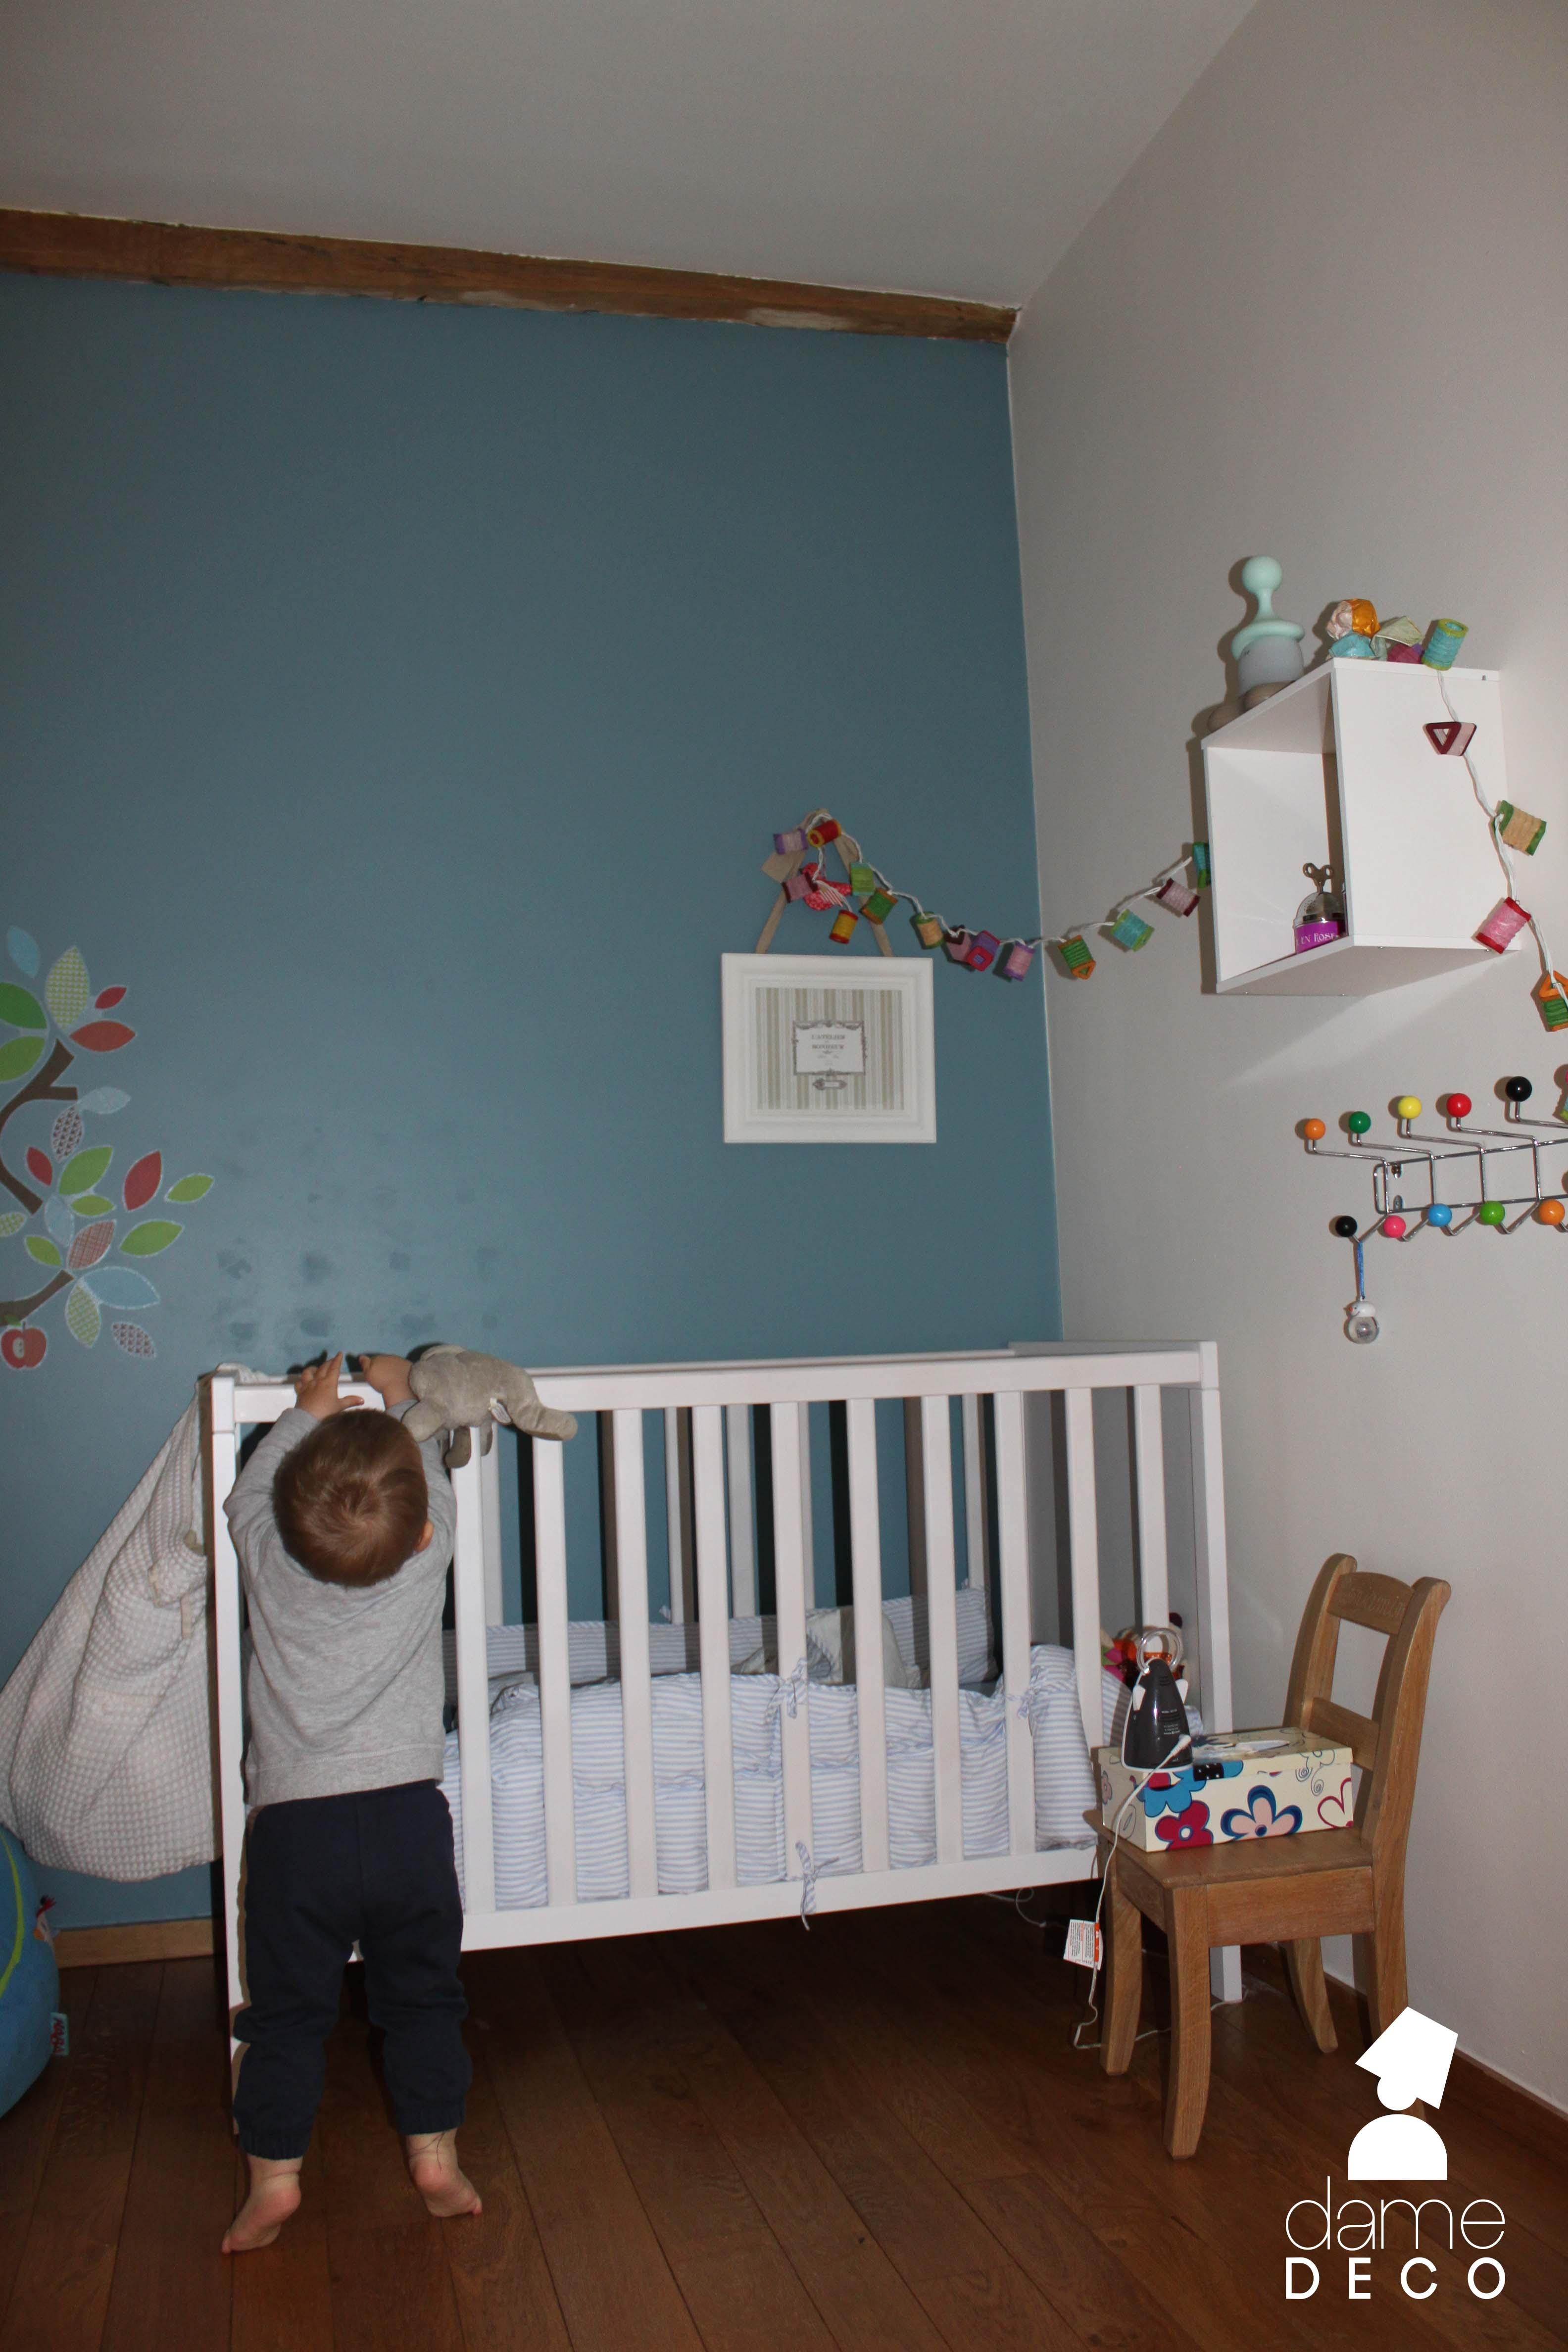 Blog realisations conseils couleurs - Choix des couleurs pour une chambre ...